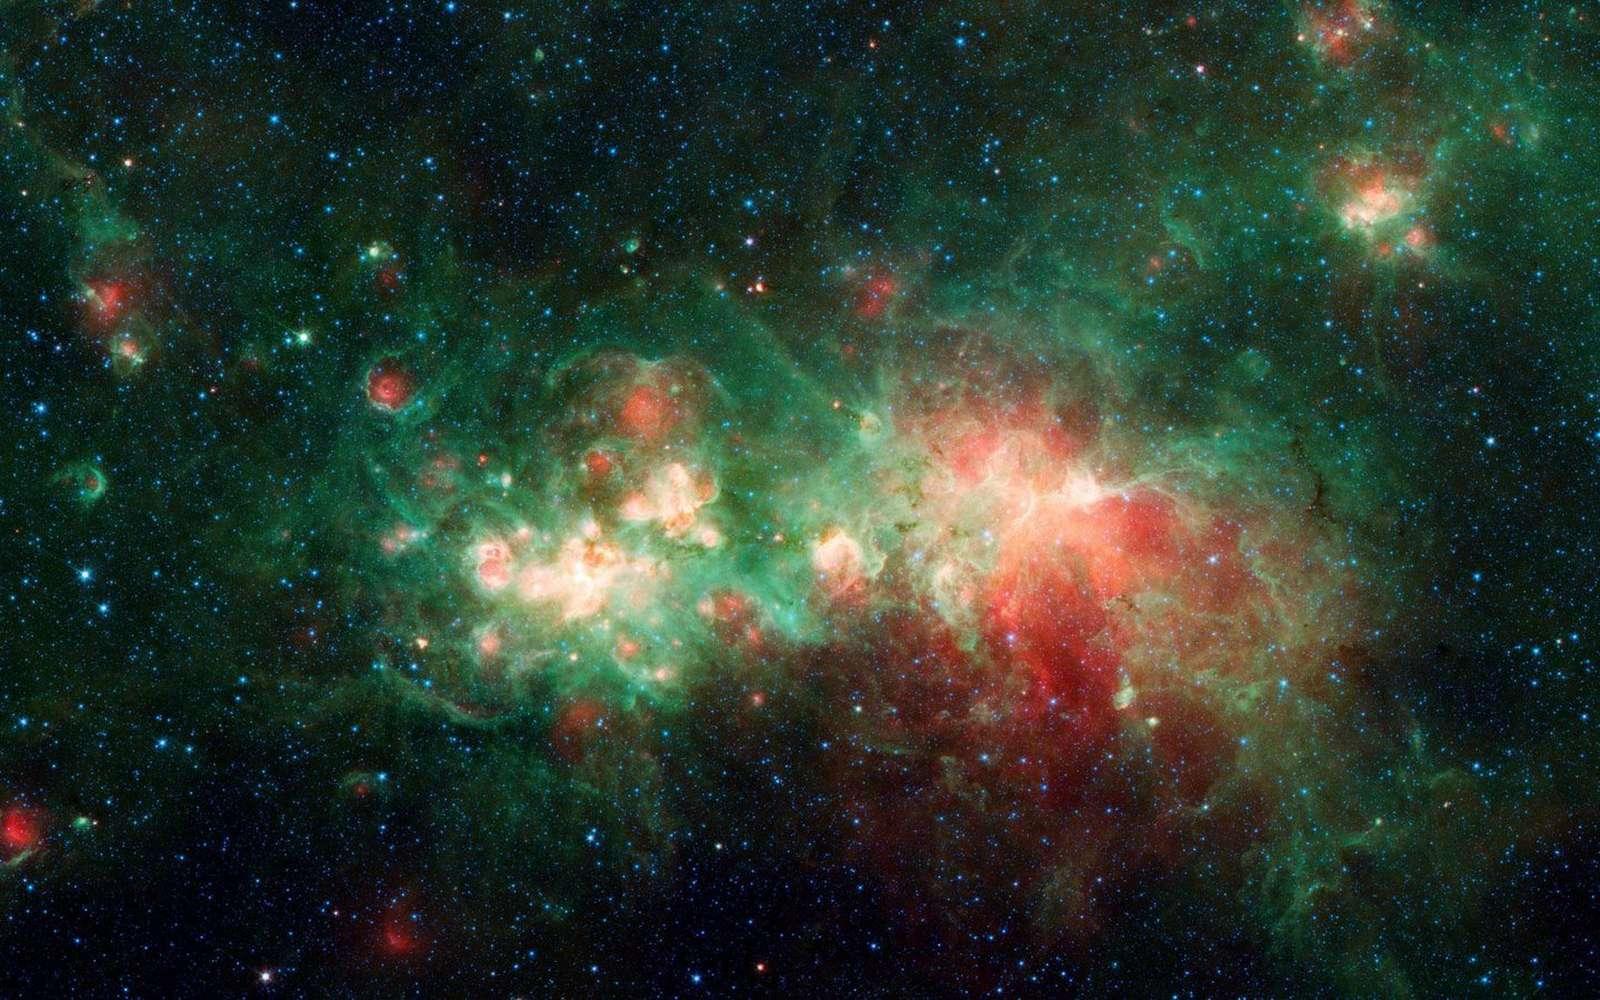 La nébuleuse de formation d'étoiles W51 est l'une des plus grandes « usines d'étoiles » de la Voie lactée. La poussière interstellaire bloque la lumière visible émise par cette région de la Galaxie mais pas dans le domaine de l'infrarouge ou des micro-ondes, ce qui permet d'étudier la cosmogonie stellaire. On voit ici en fausses couleurs une image de W51 prise par Spitzer. © Nasa, JPL-Caltech